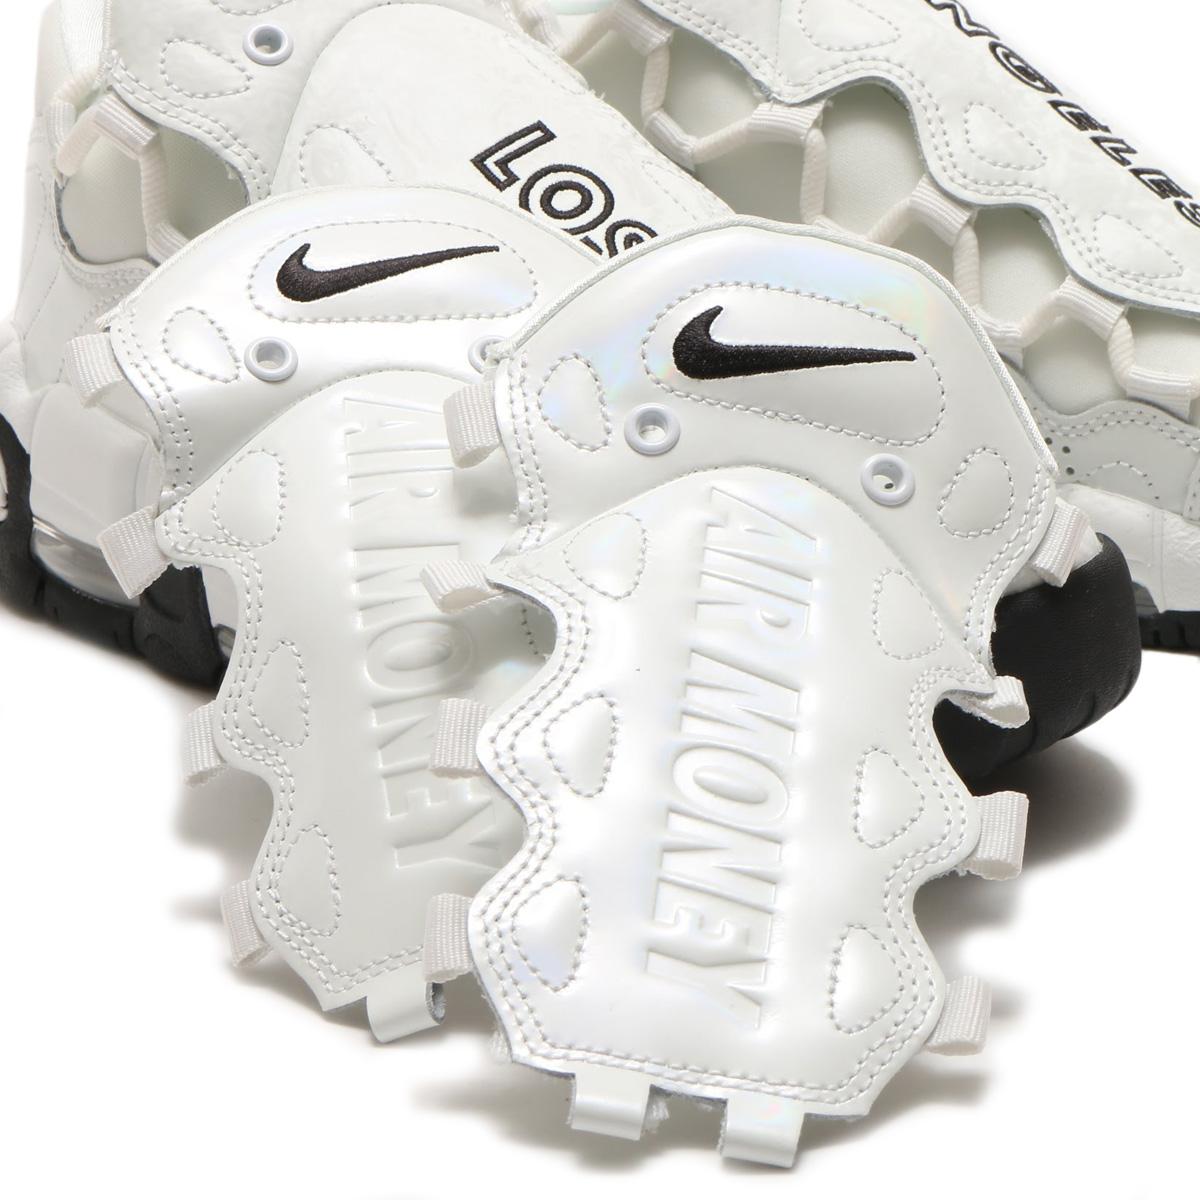 6d3814f31c7378 NIKE W AIR MORE MONEY LX (Nike women air more money LX) (SUMMIT WHITE SUMMIT  WHITE-BLACK)18SP-S